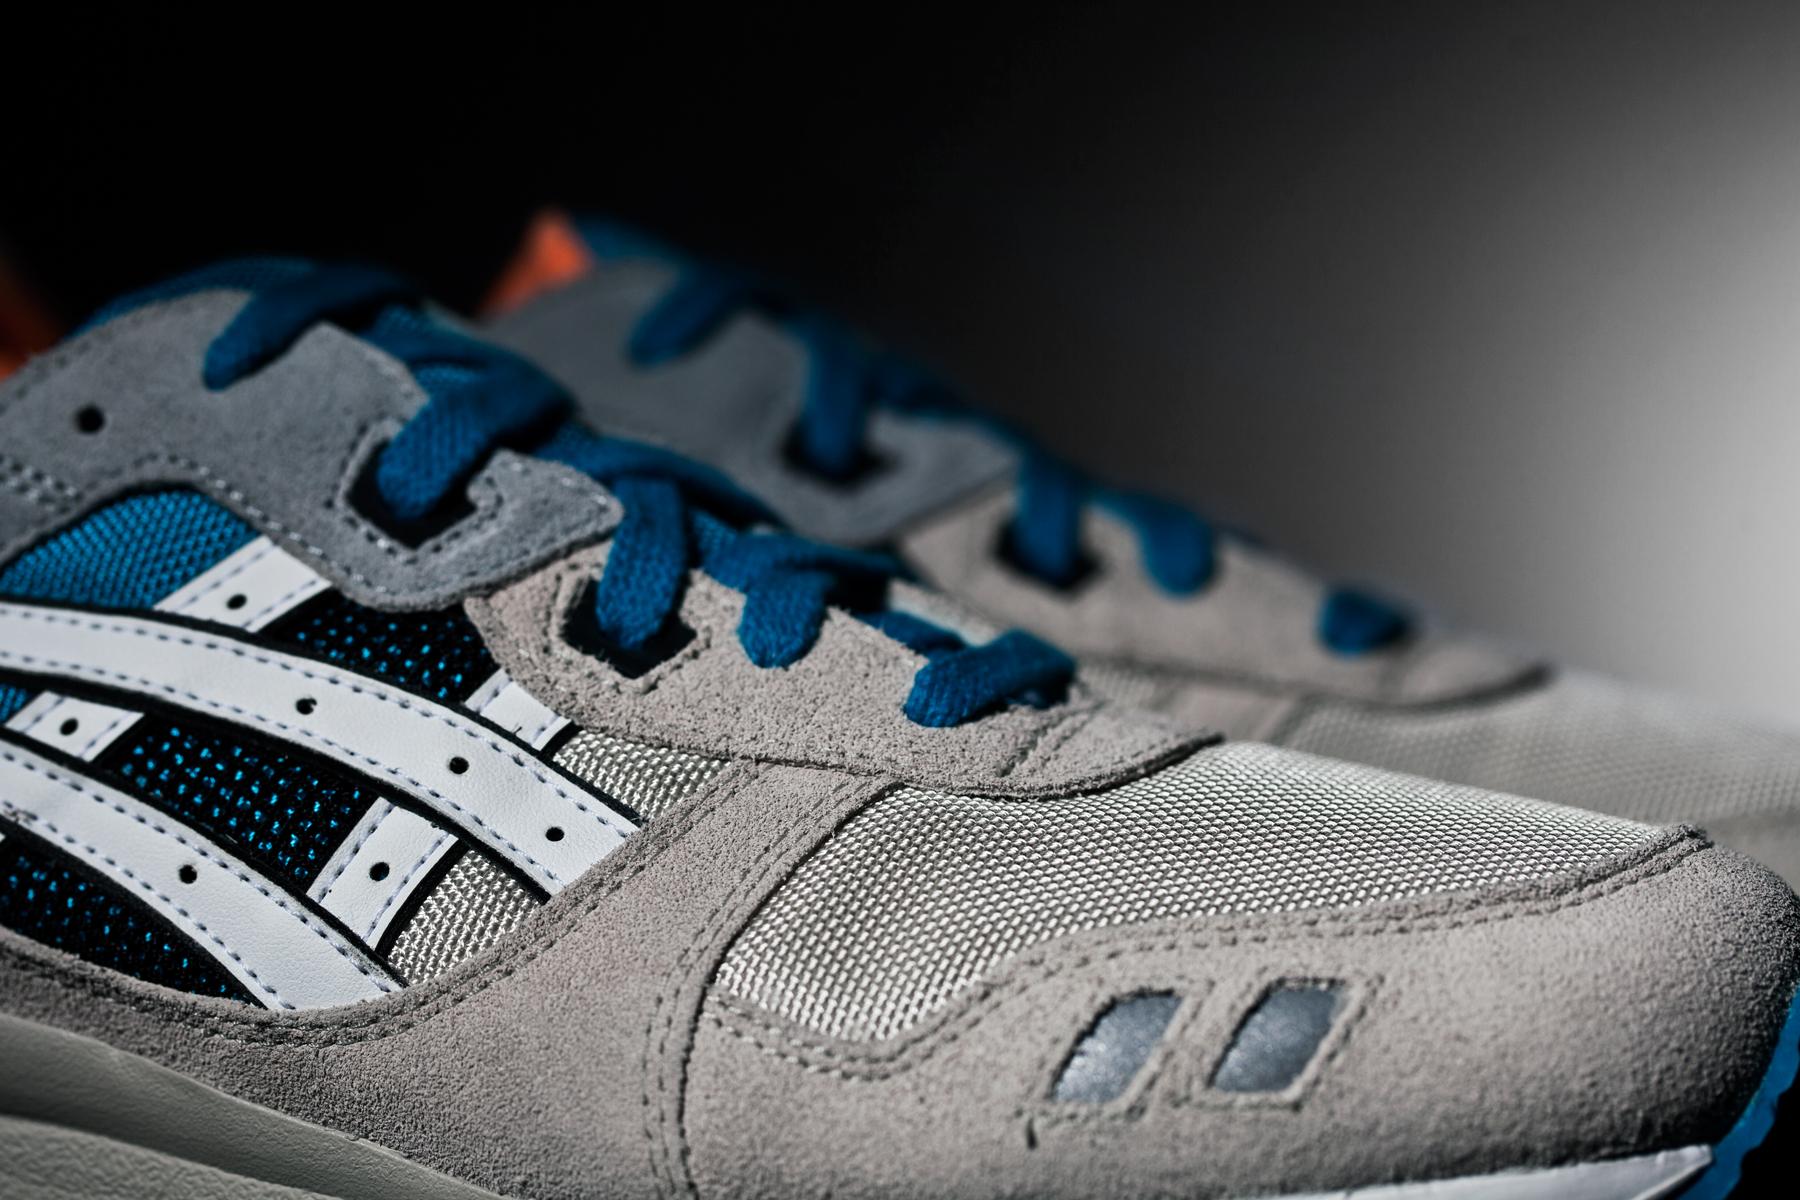 asics 2014 spring summer gel lyte iii sneakers